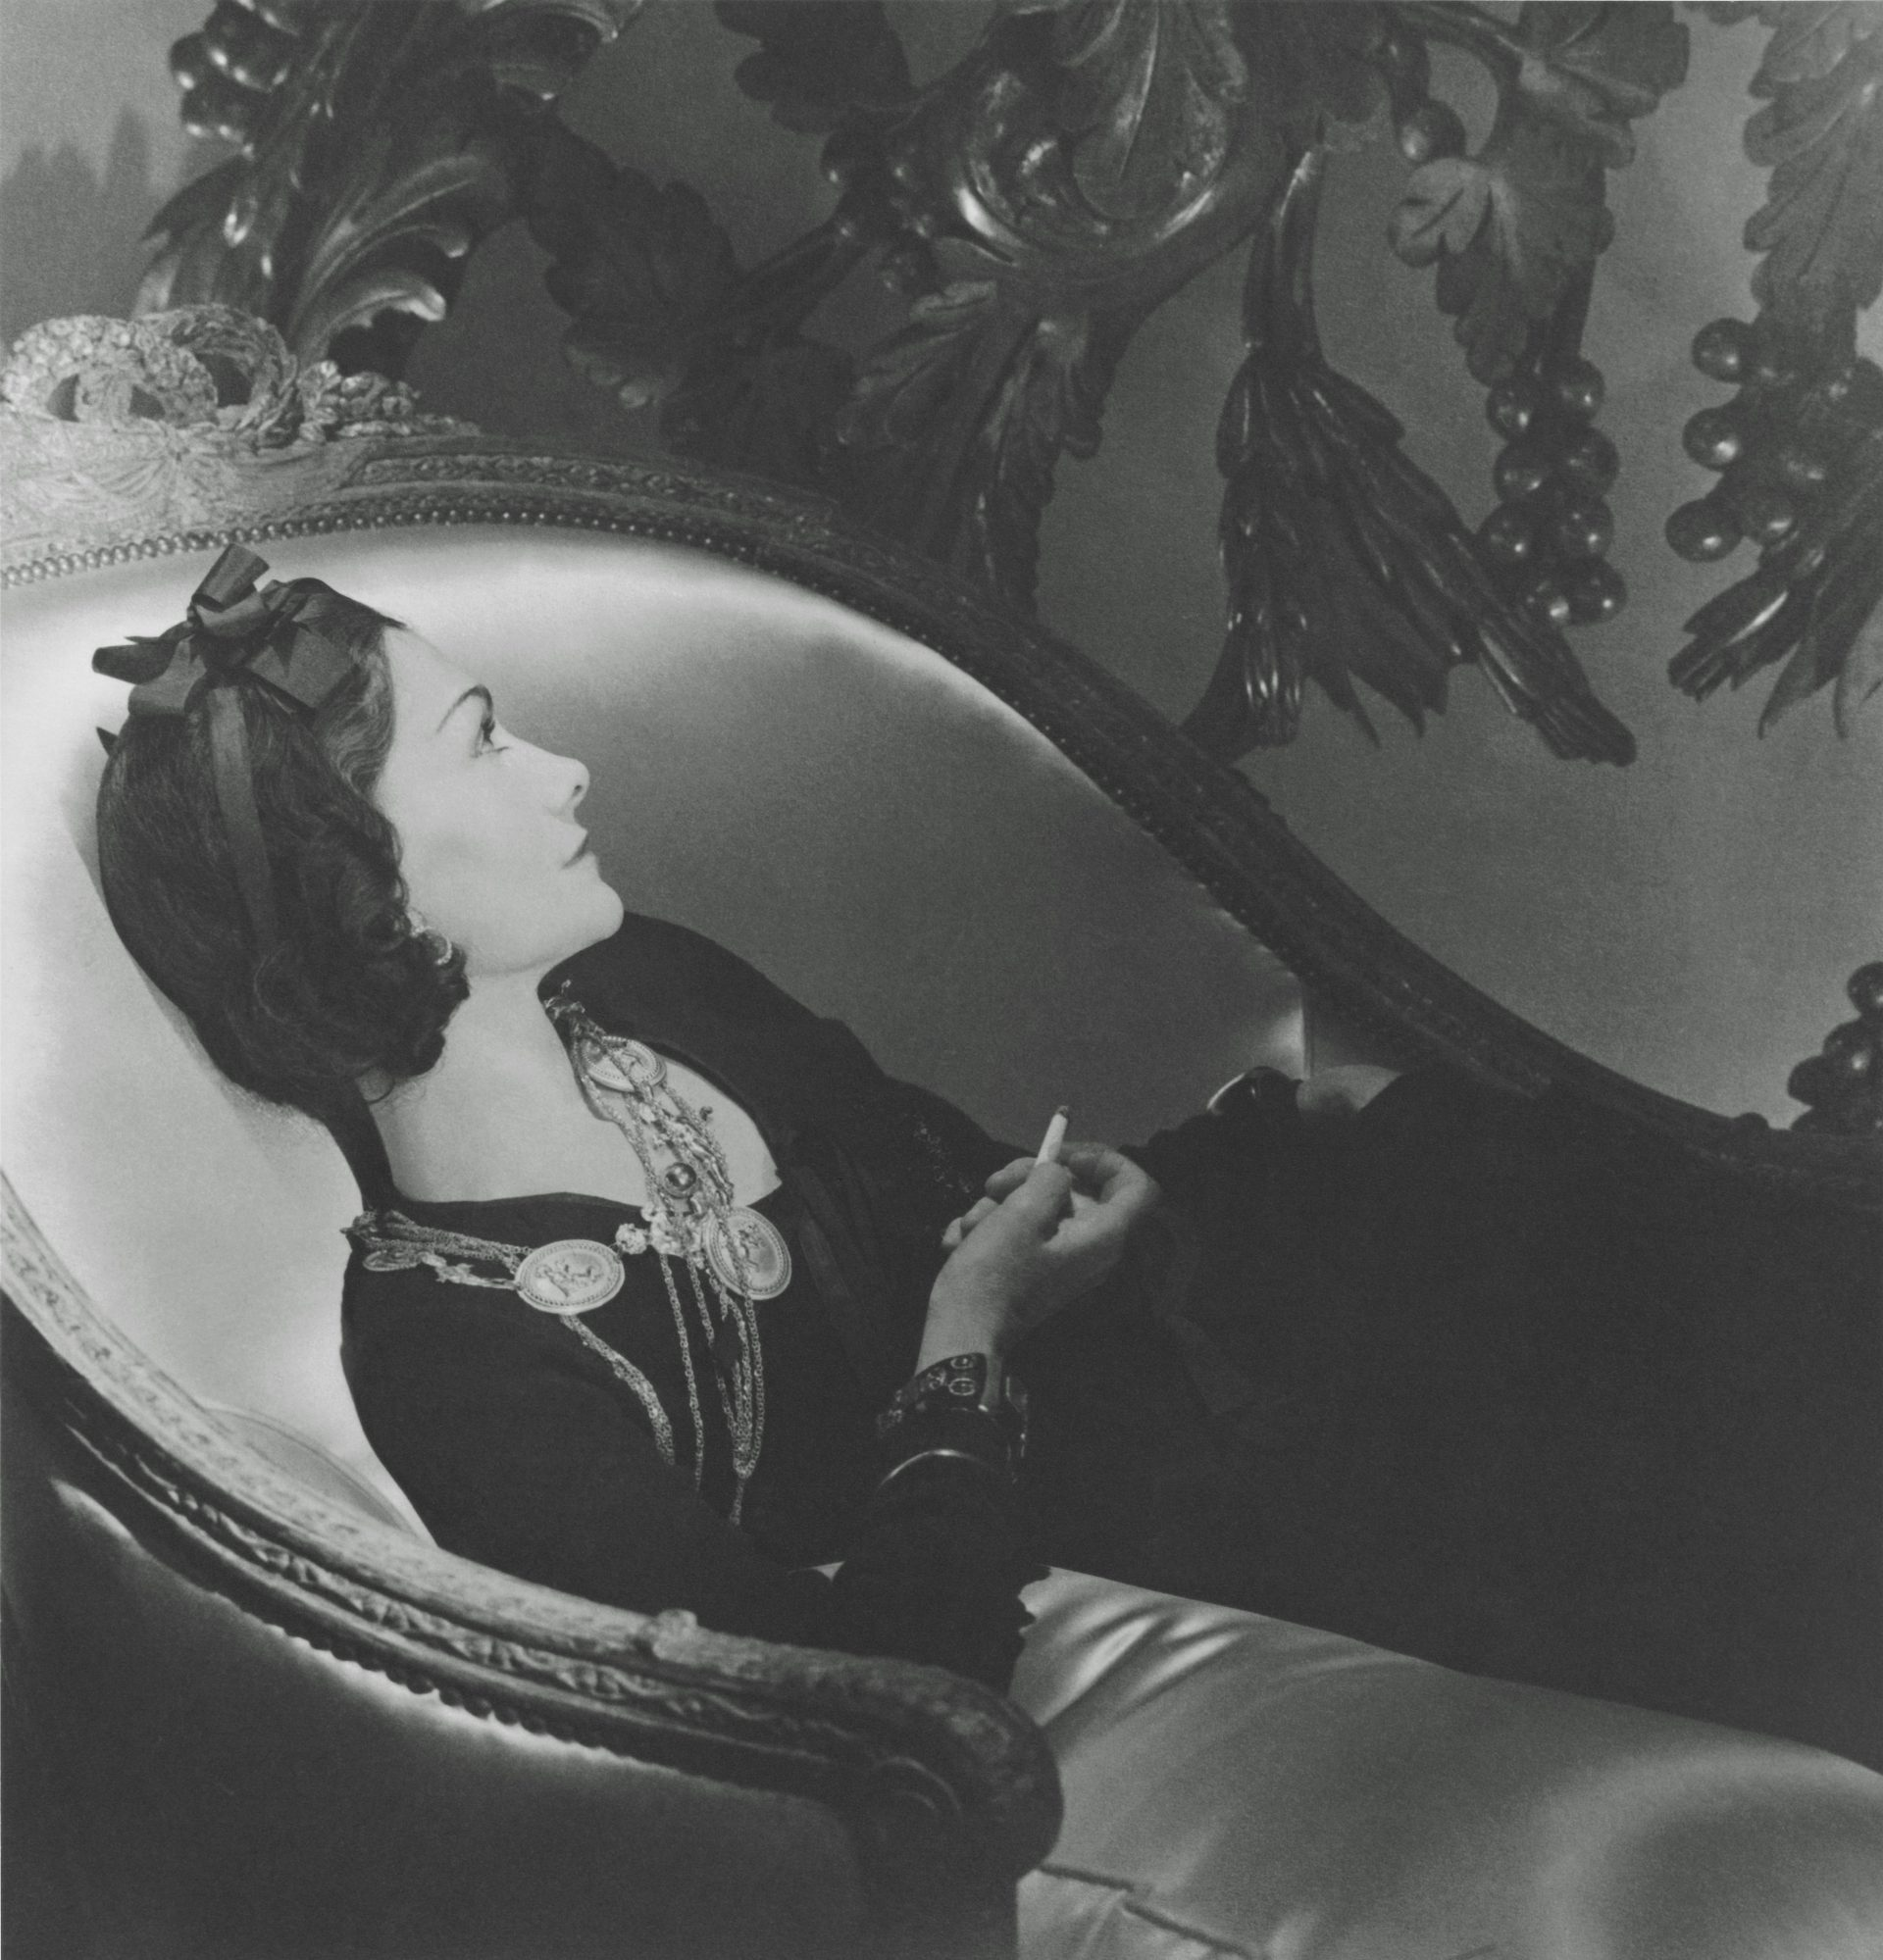 ホルスト・P・ホルストによるマドモアゼル シャネルのポートレート (1937年) © Condé Nast / Corbis